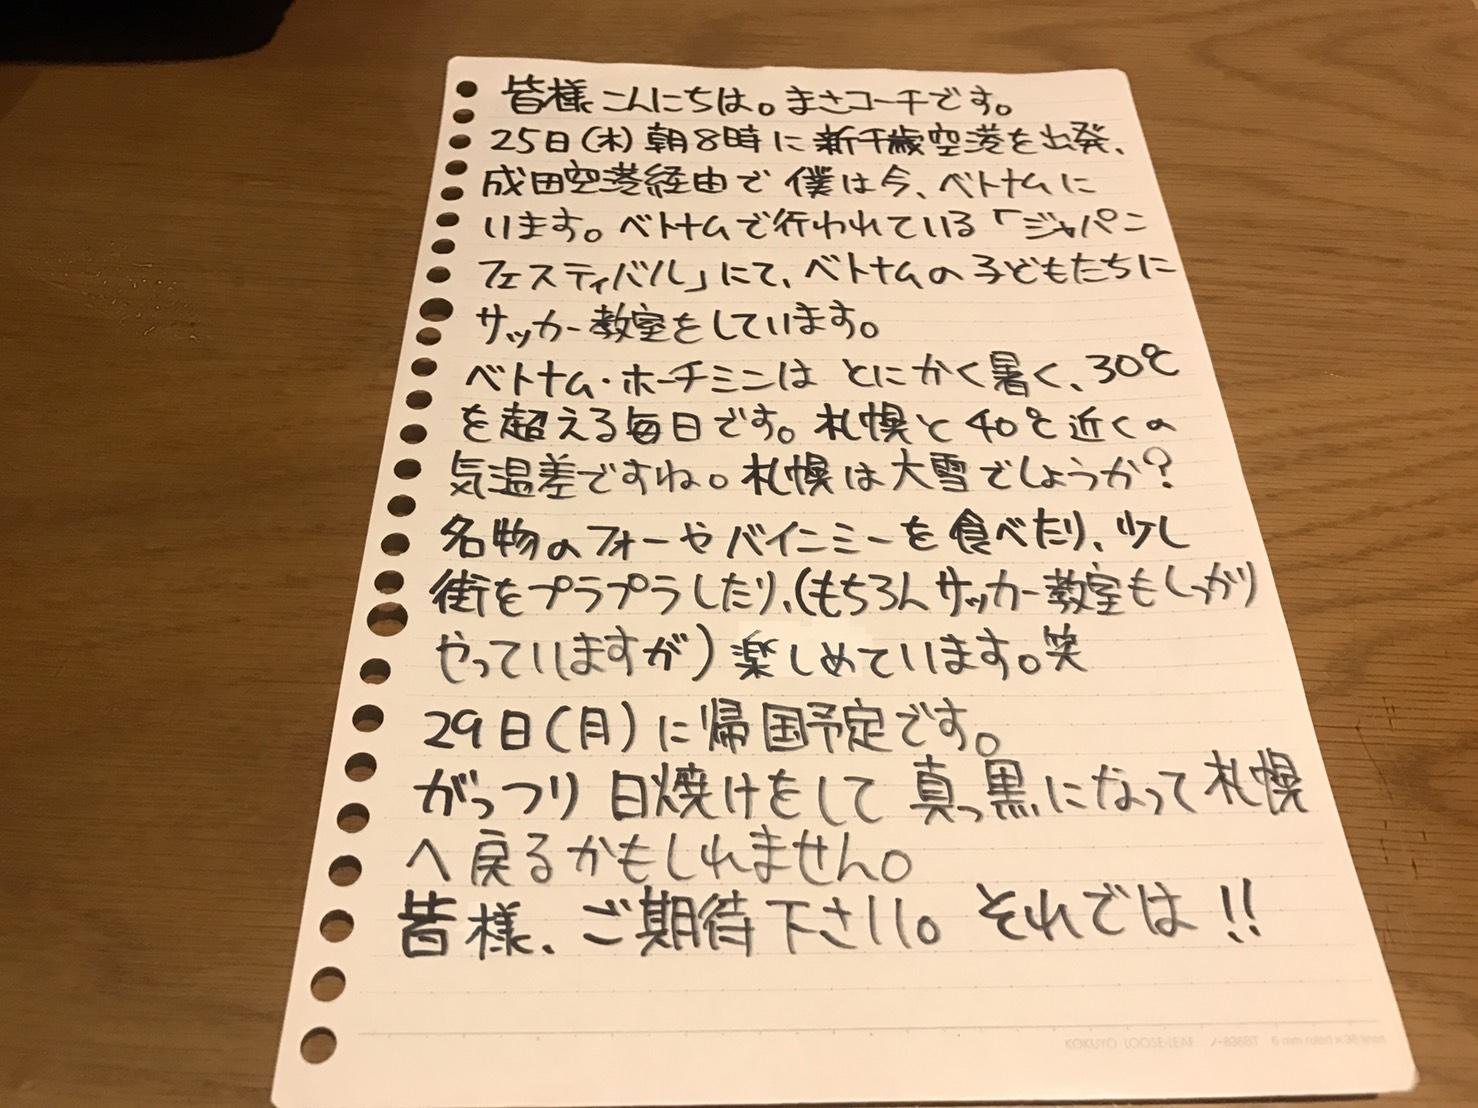 http://chsc.jp/report/up_images/28162F77-6042-445B-B00D-C1F7B0F4FD30.jpeg